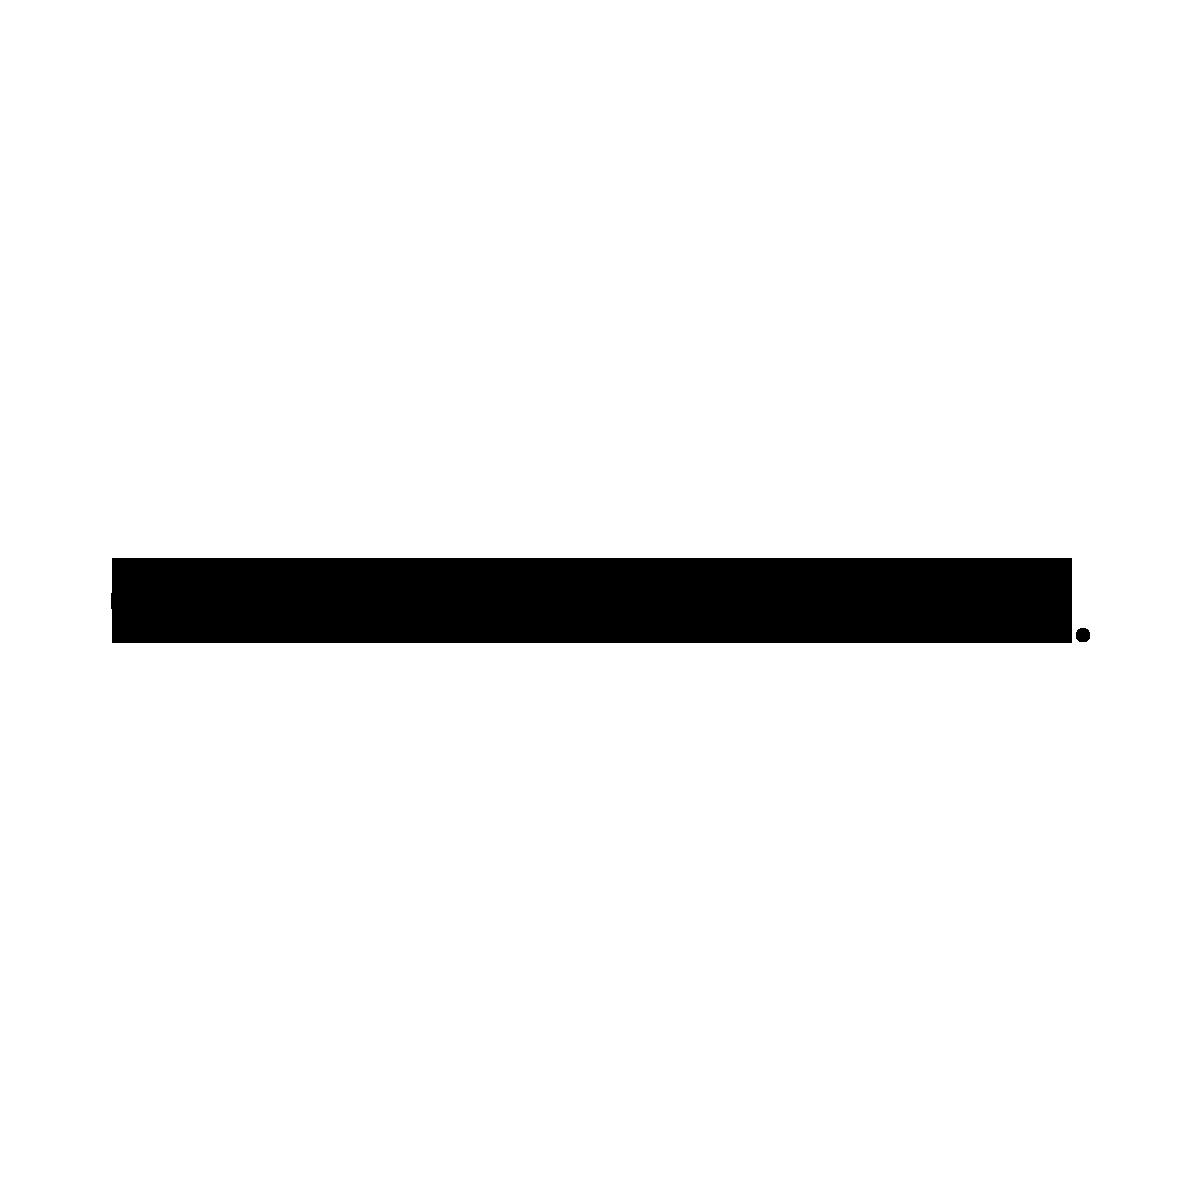 rode leren schoudertas van fred de la bretoniere 262010001 op model